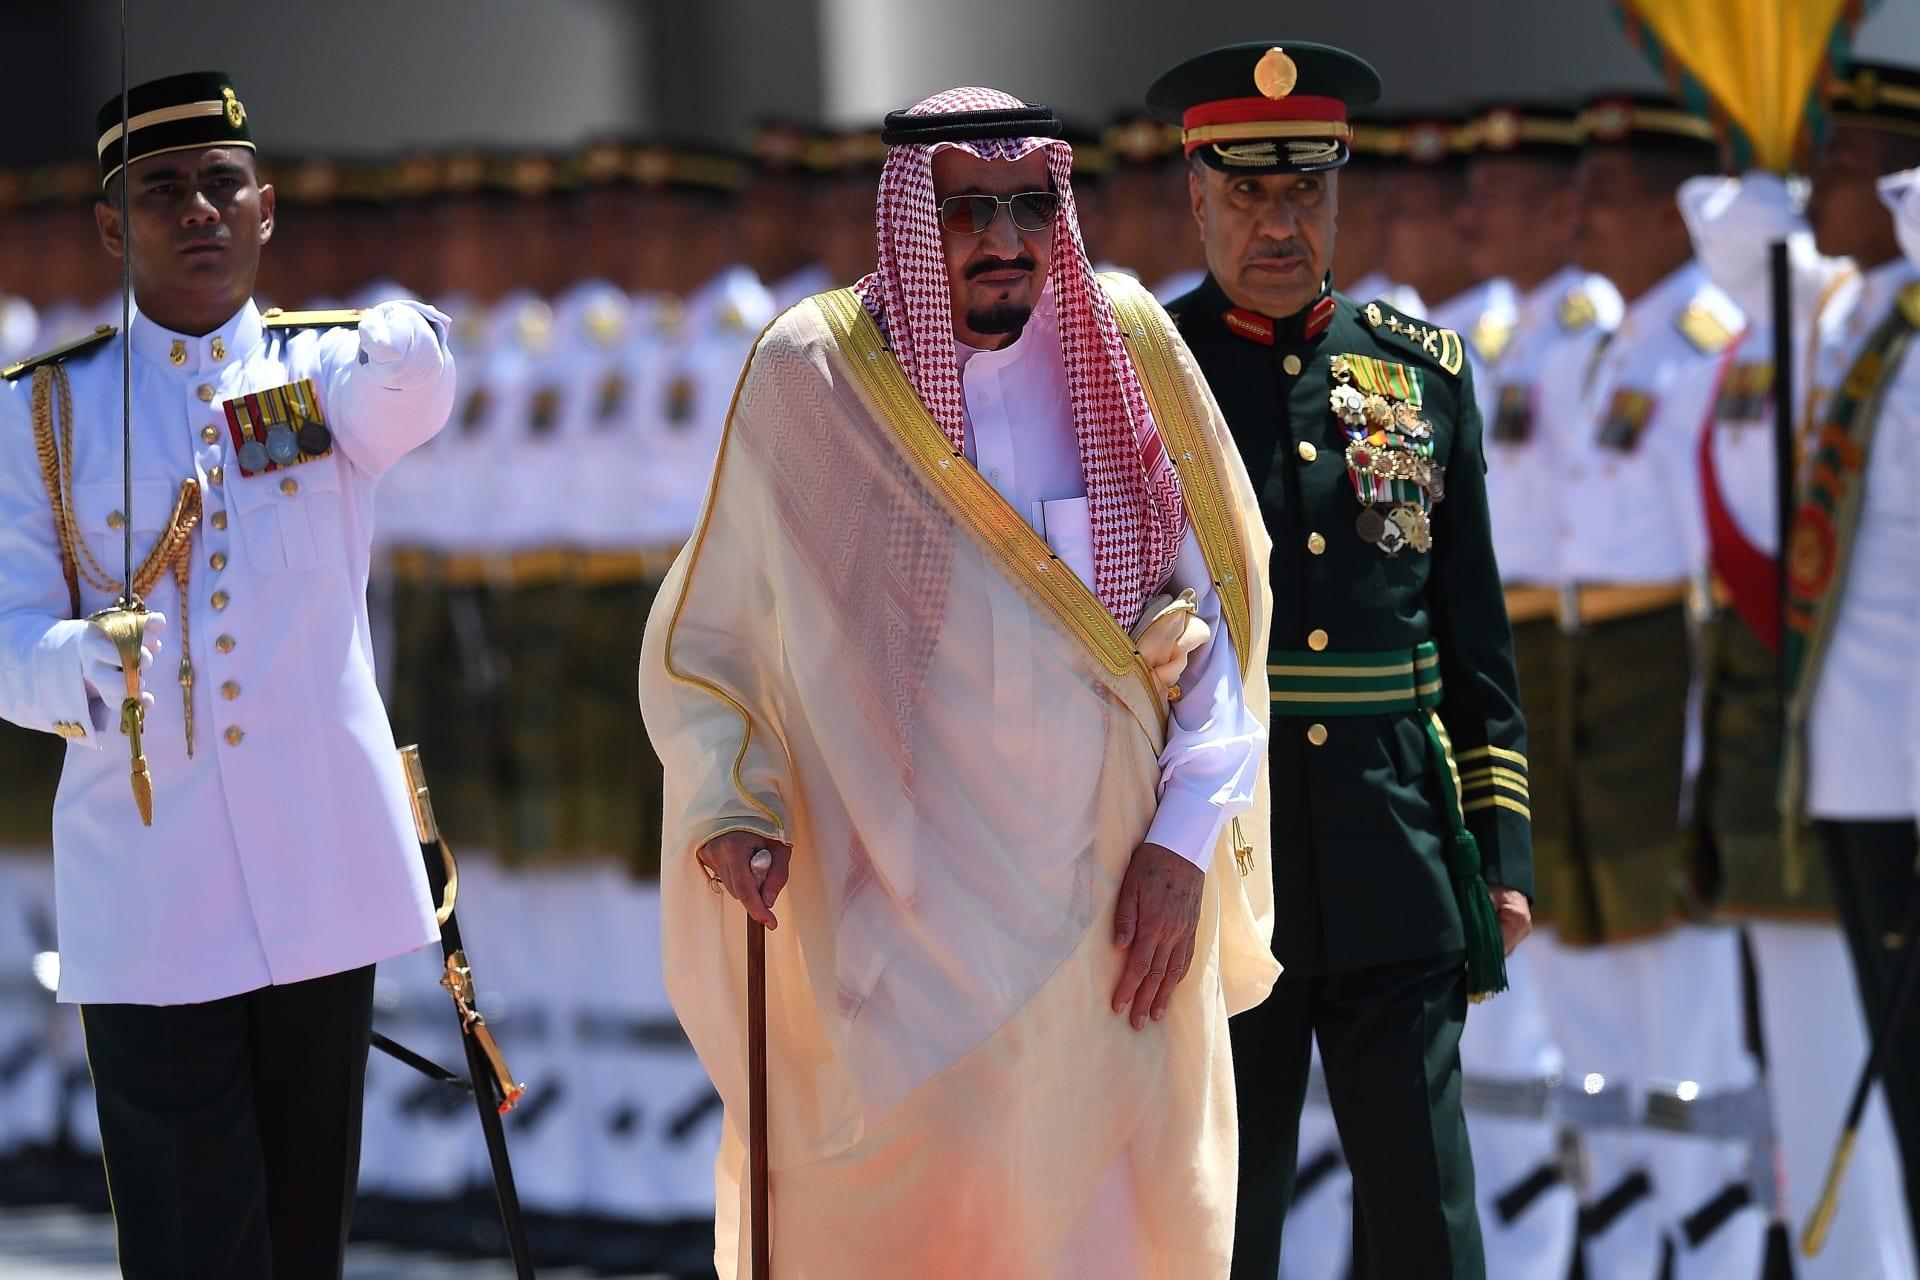 ماليزيا تعتقل 7 أغلبهم من اليمنيين خططوا لاستهداف العائلة المالكة السعودية